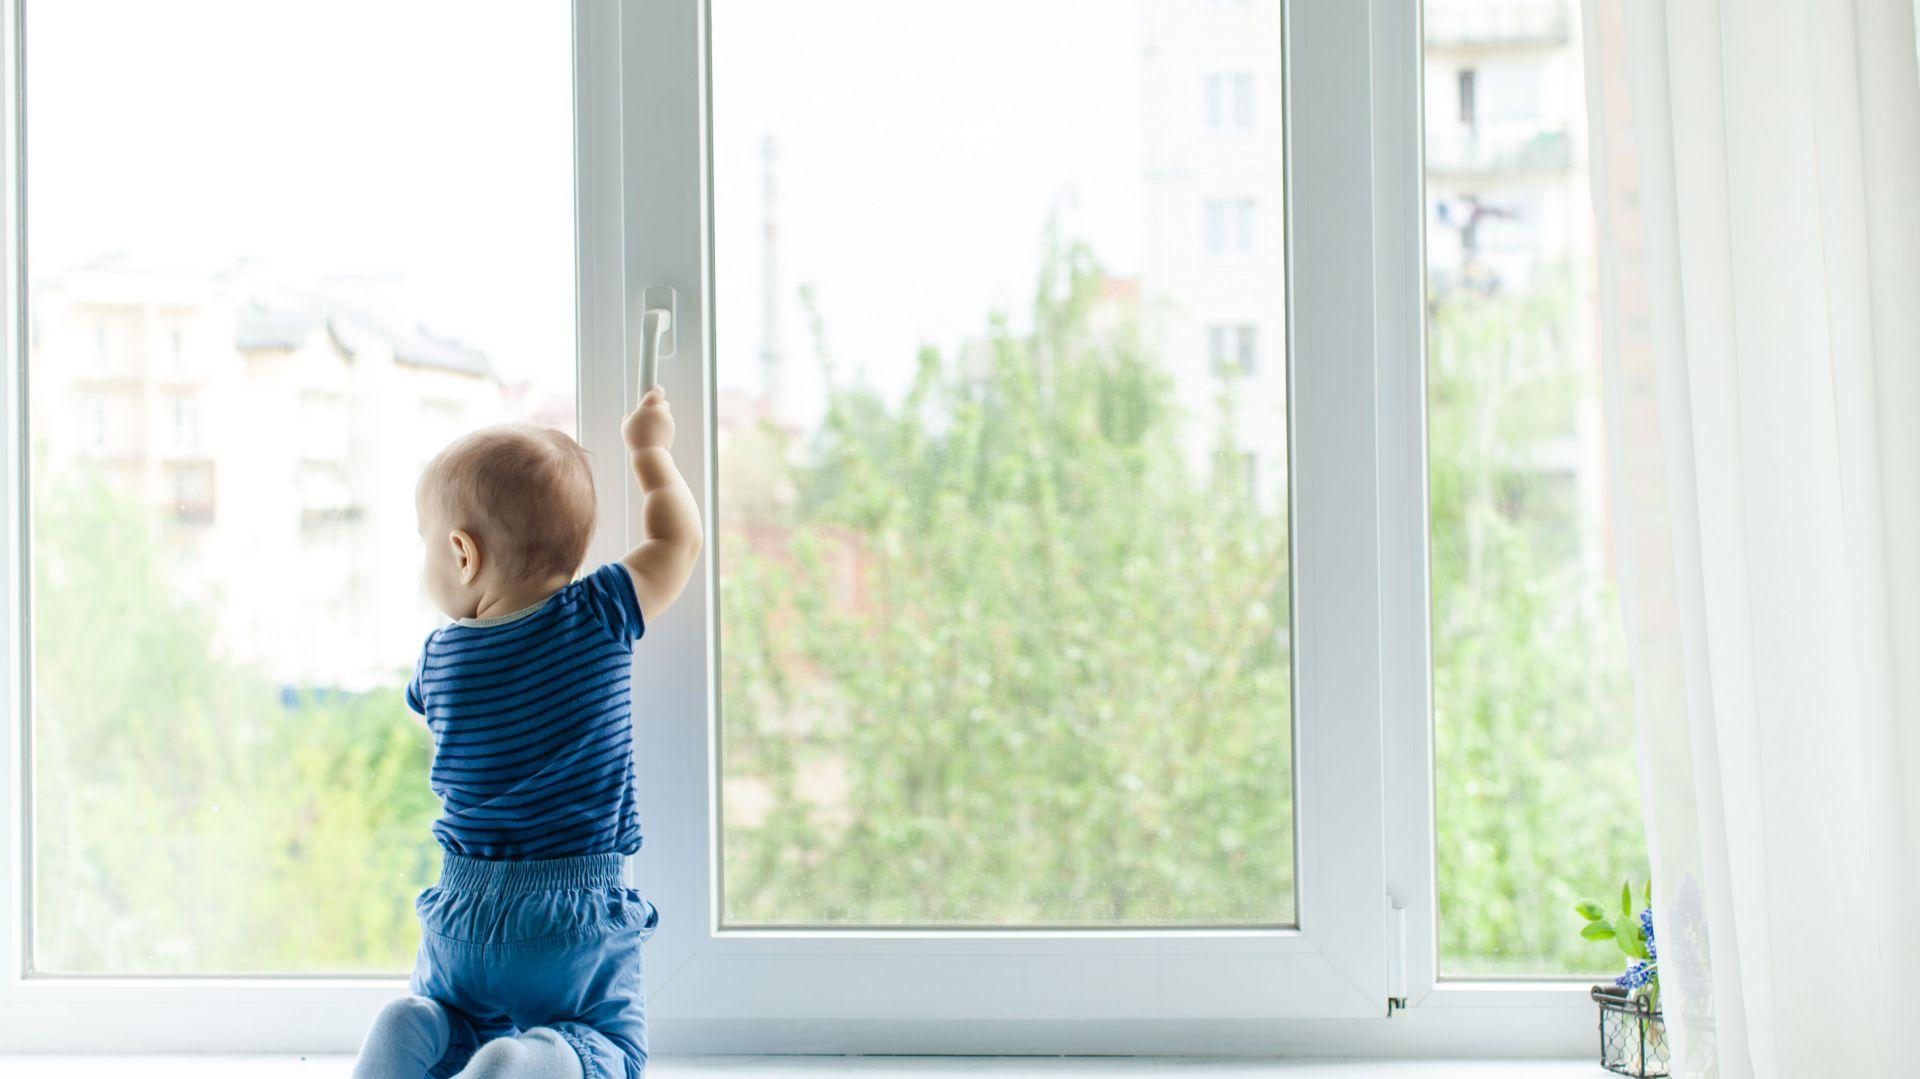 Uchylne okno to ogromne zagrożenie dla zdrowia a nawet życia malucha. Zamontowanie na nim klamki kodowej uniemożliwi dziecku jego otwarcie. Tego typu blokady pasują z reguły do wszystkich typów okien. Fot. Yale